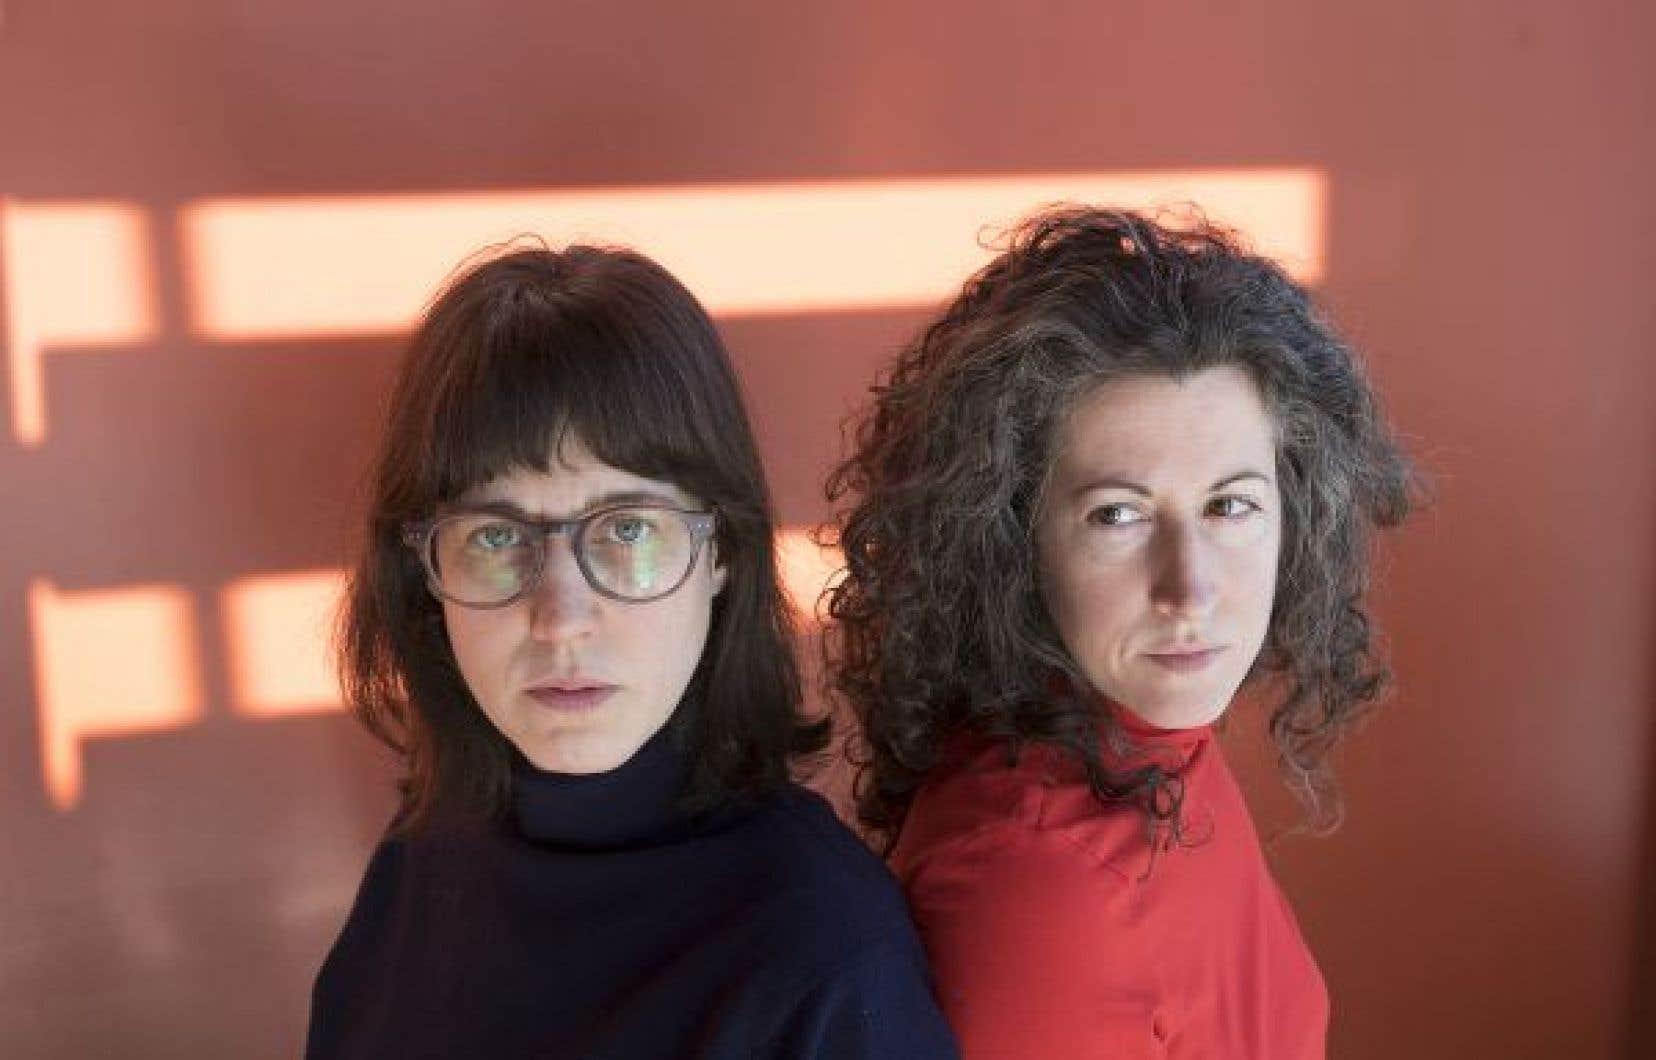 La pièce montée  par Édith Patenaude  (à gauche)  et Sarah Berthiaume montre combien  la peur  peut devenir contagieuse  au sein d'une communauté.